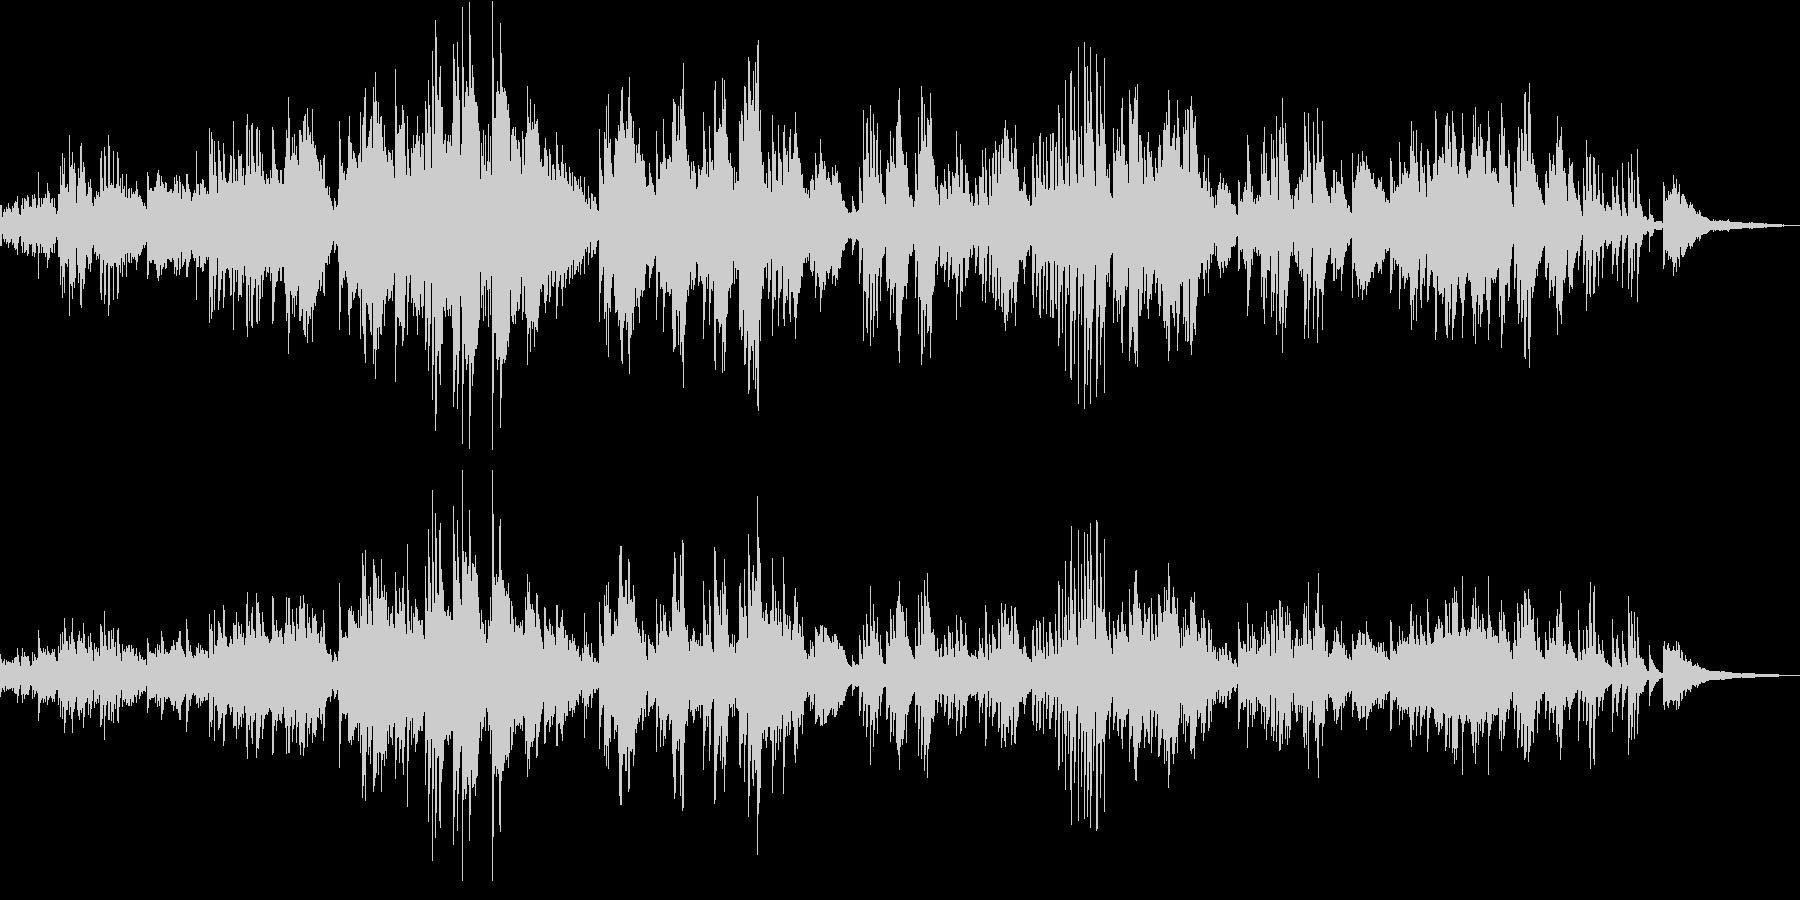 ドビュッシーが作曲したピアノ独奏曲の未再生の波形